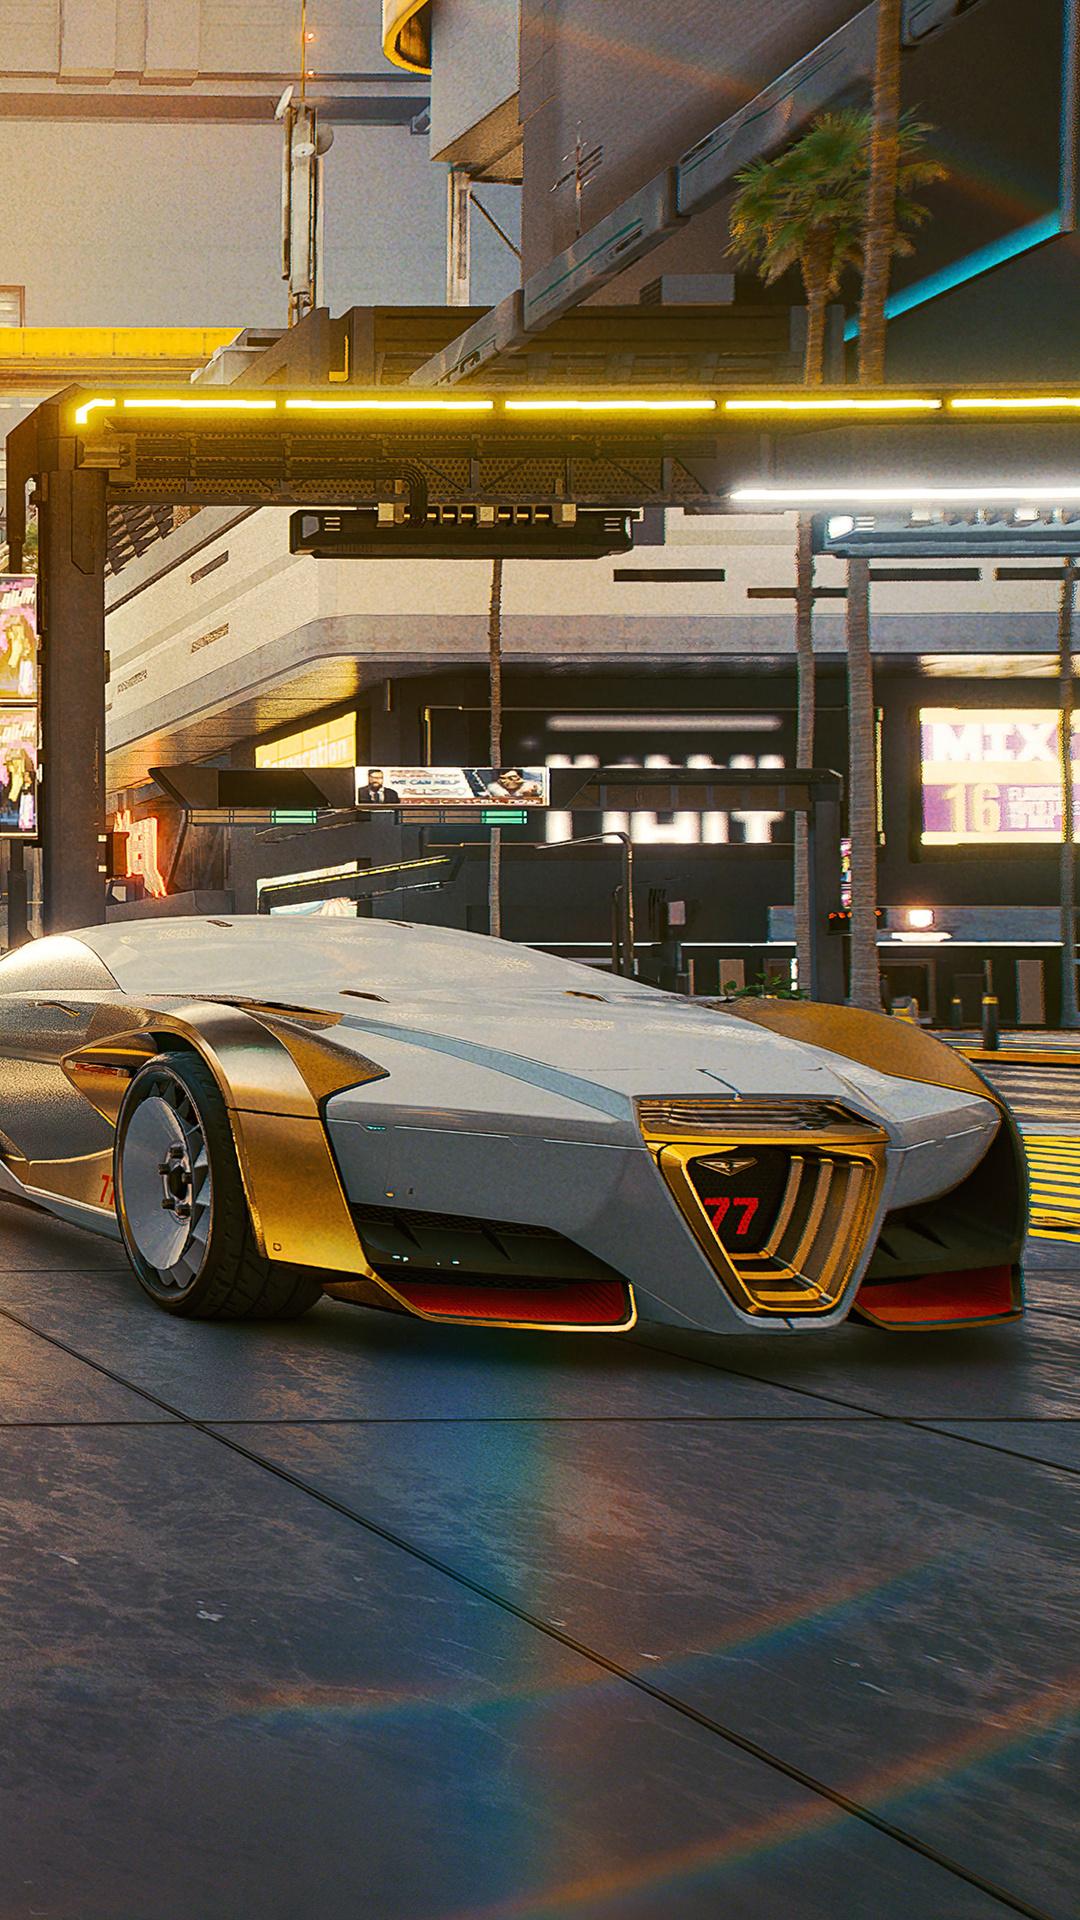 cyberpunk-2077-hyper-car-4k-xj.jpg